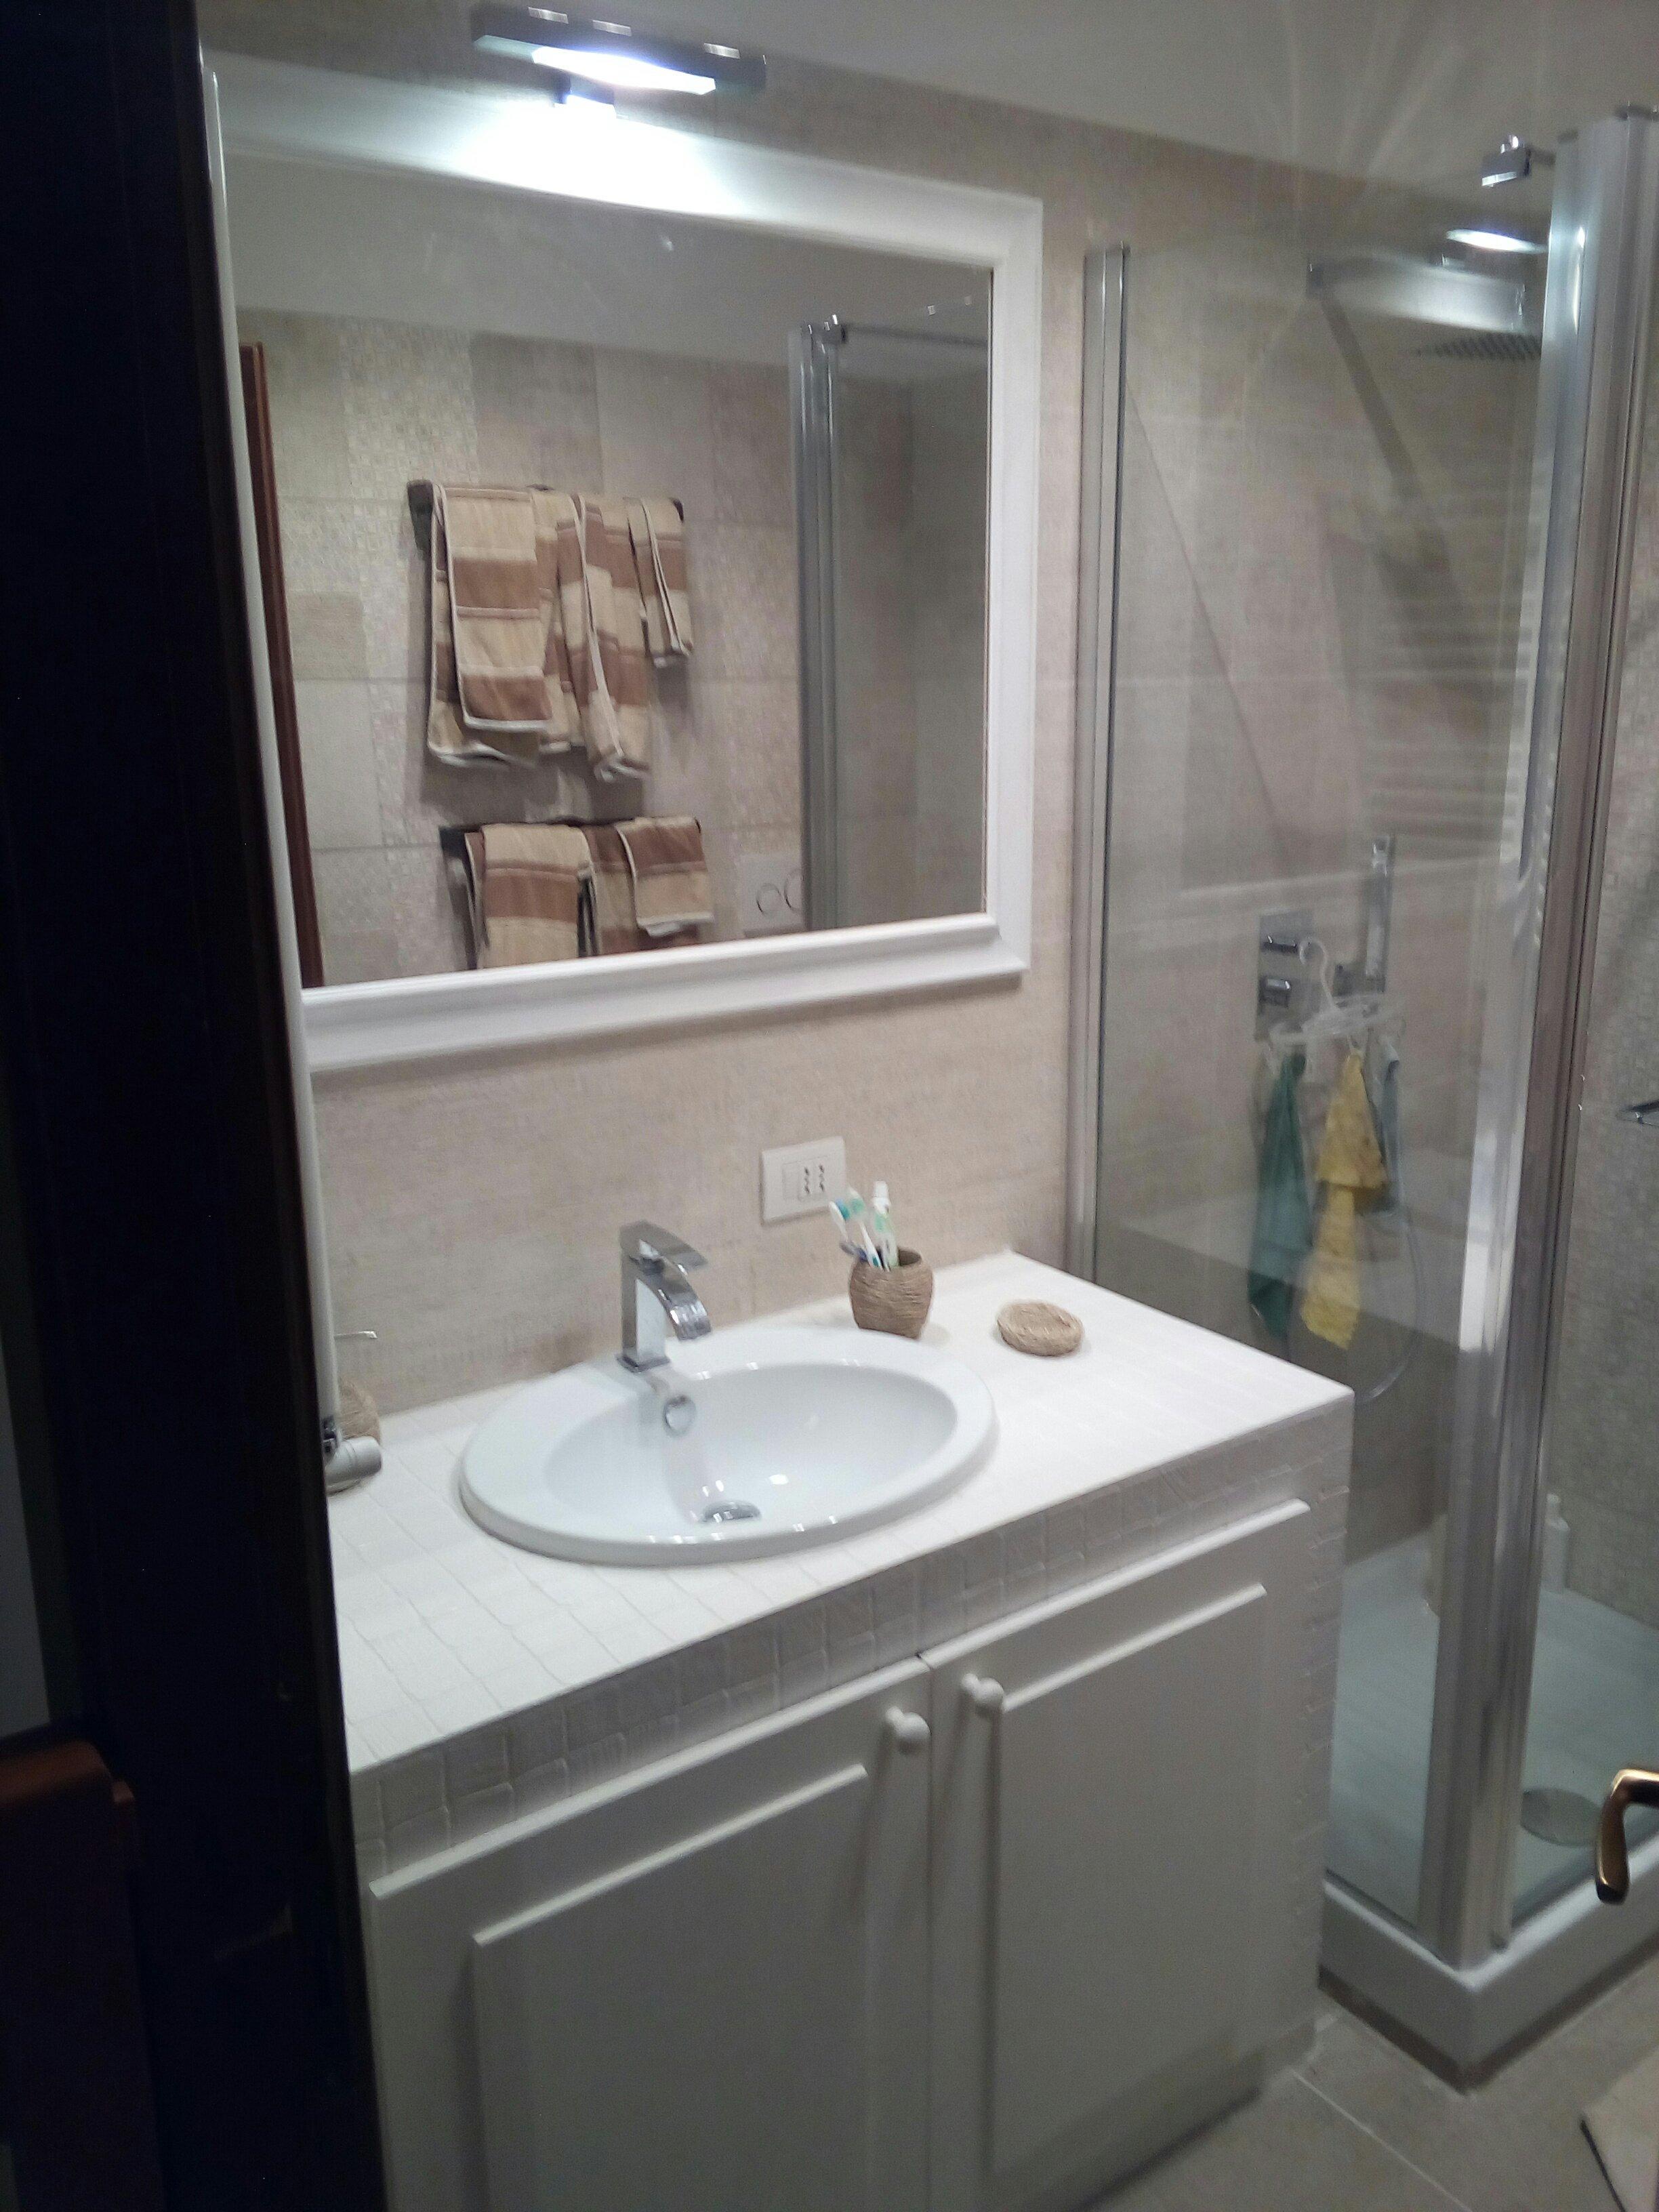 Quale il costo per ristrutturare un bagno a roma al mq - Costo specchio al mq ...